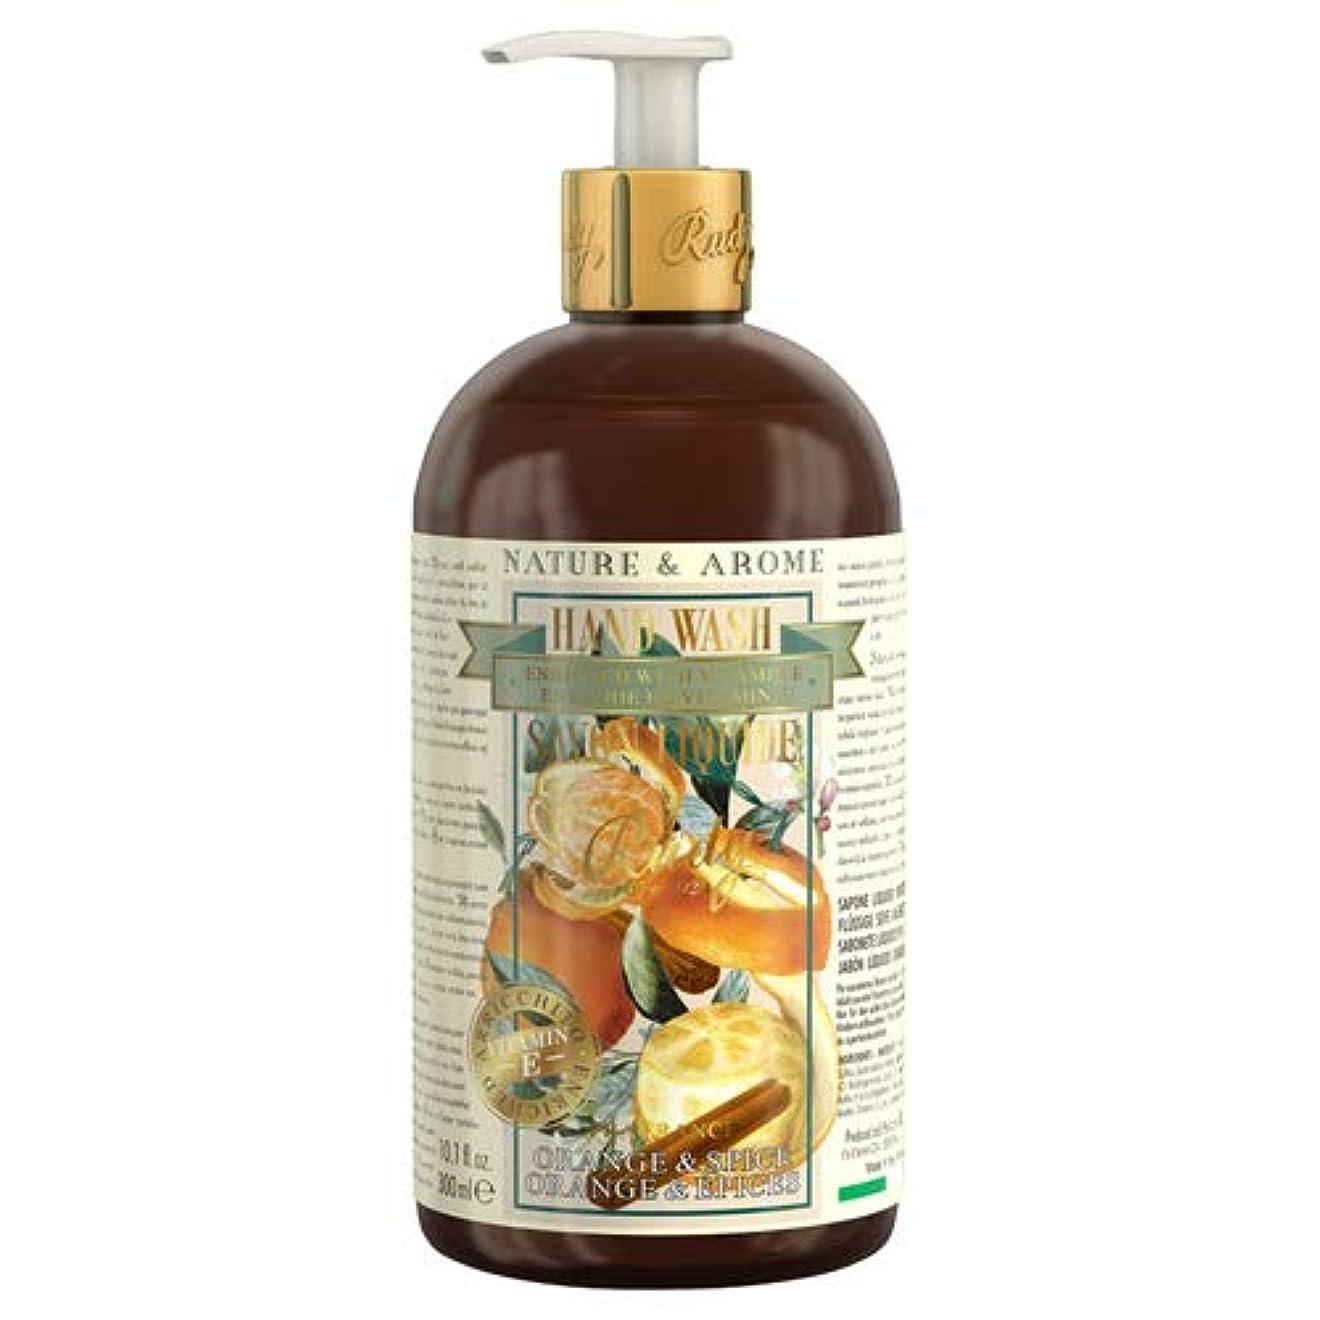 一人で開示する多用途ルディ(Rudy) RUDY Nature&Arome Apothecary ネイチャーアロマ アポセカリー Hand Wash ハンドウォッシュ(ボディソープ) Orange & Spice オレンジ&スパイス